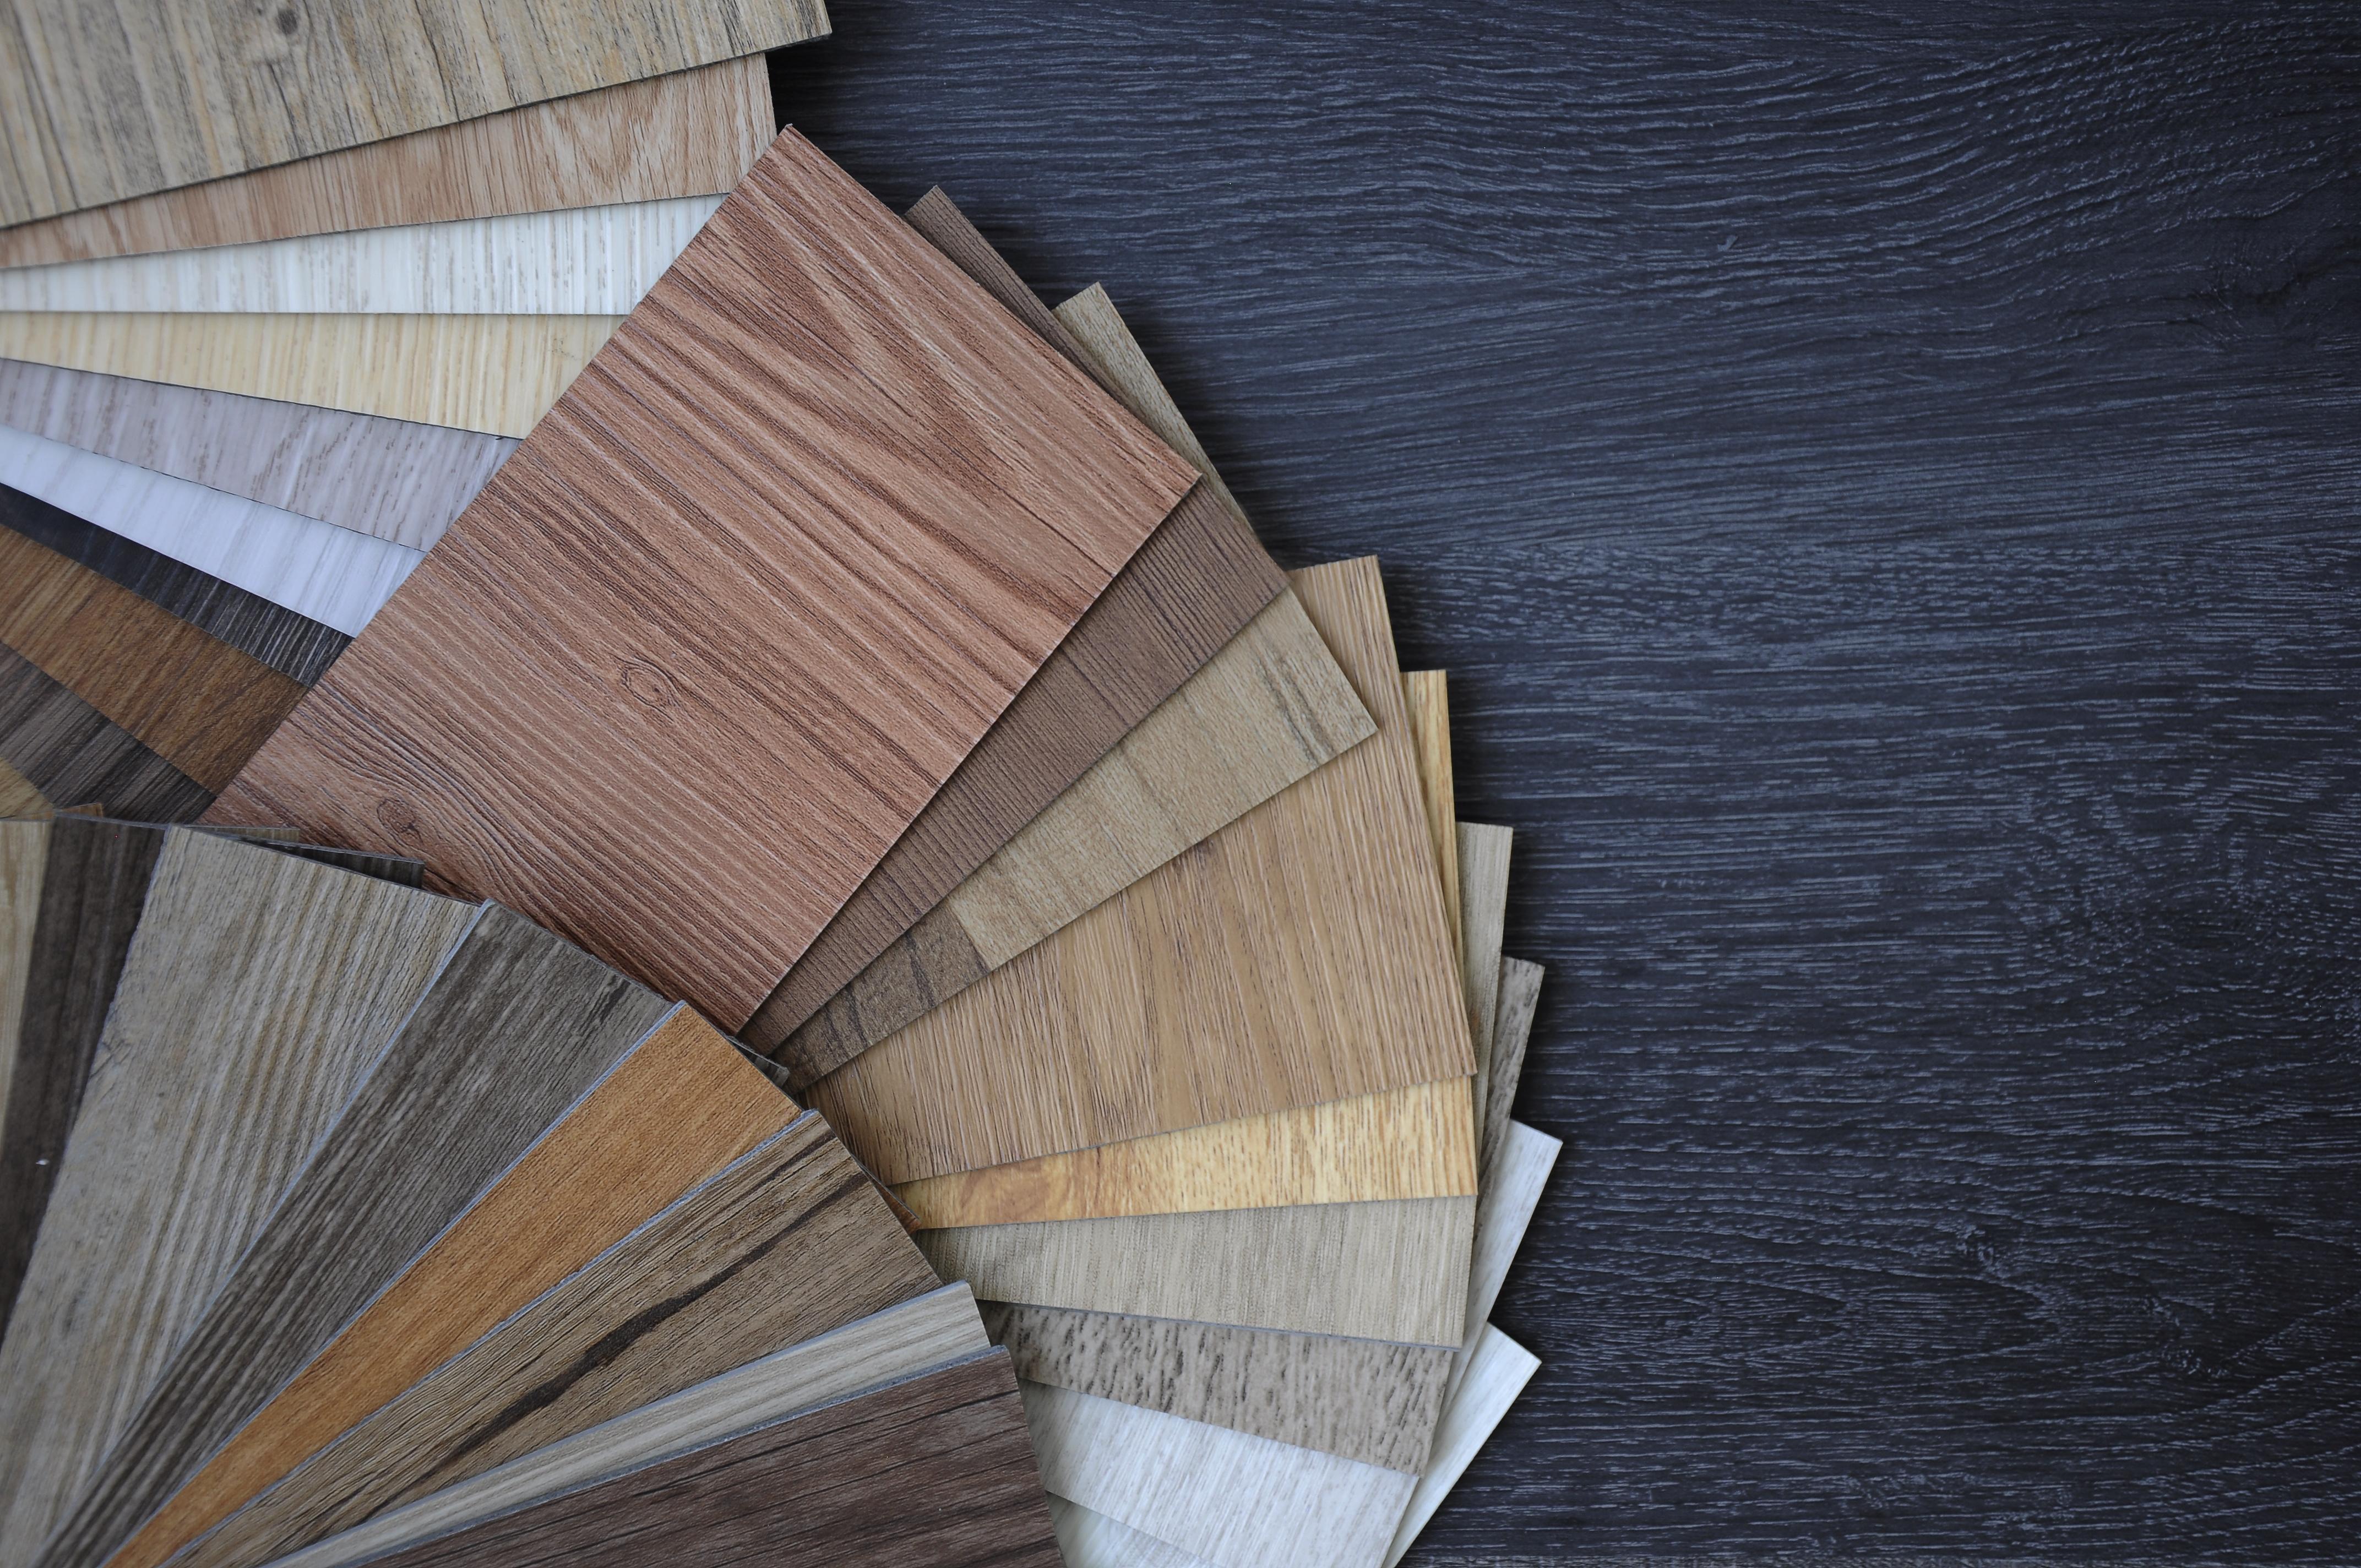 Vinyl Remnants Milton Keynes: Factory Clearance Flooring